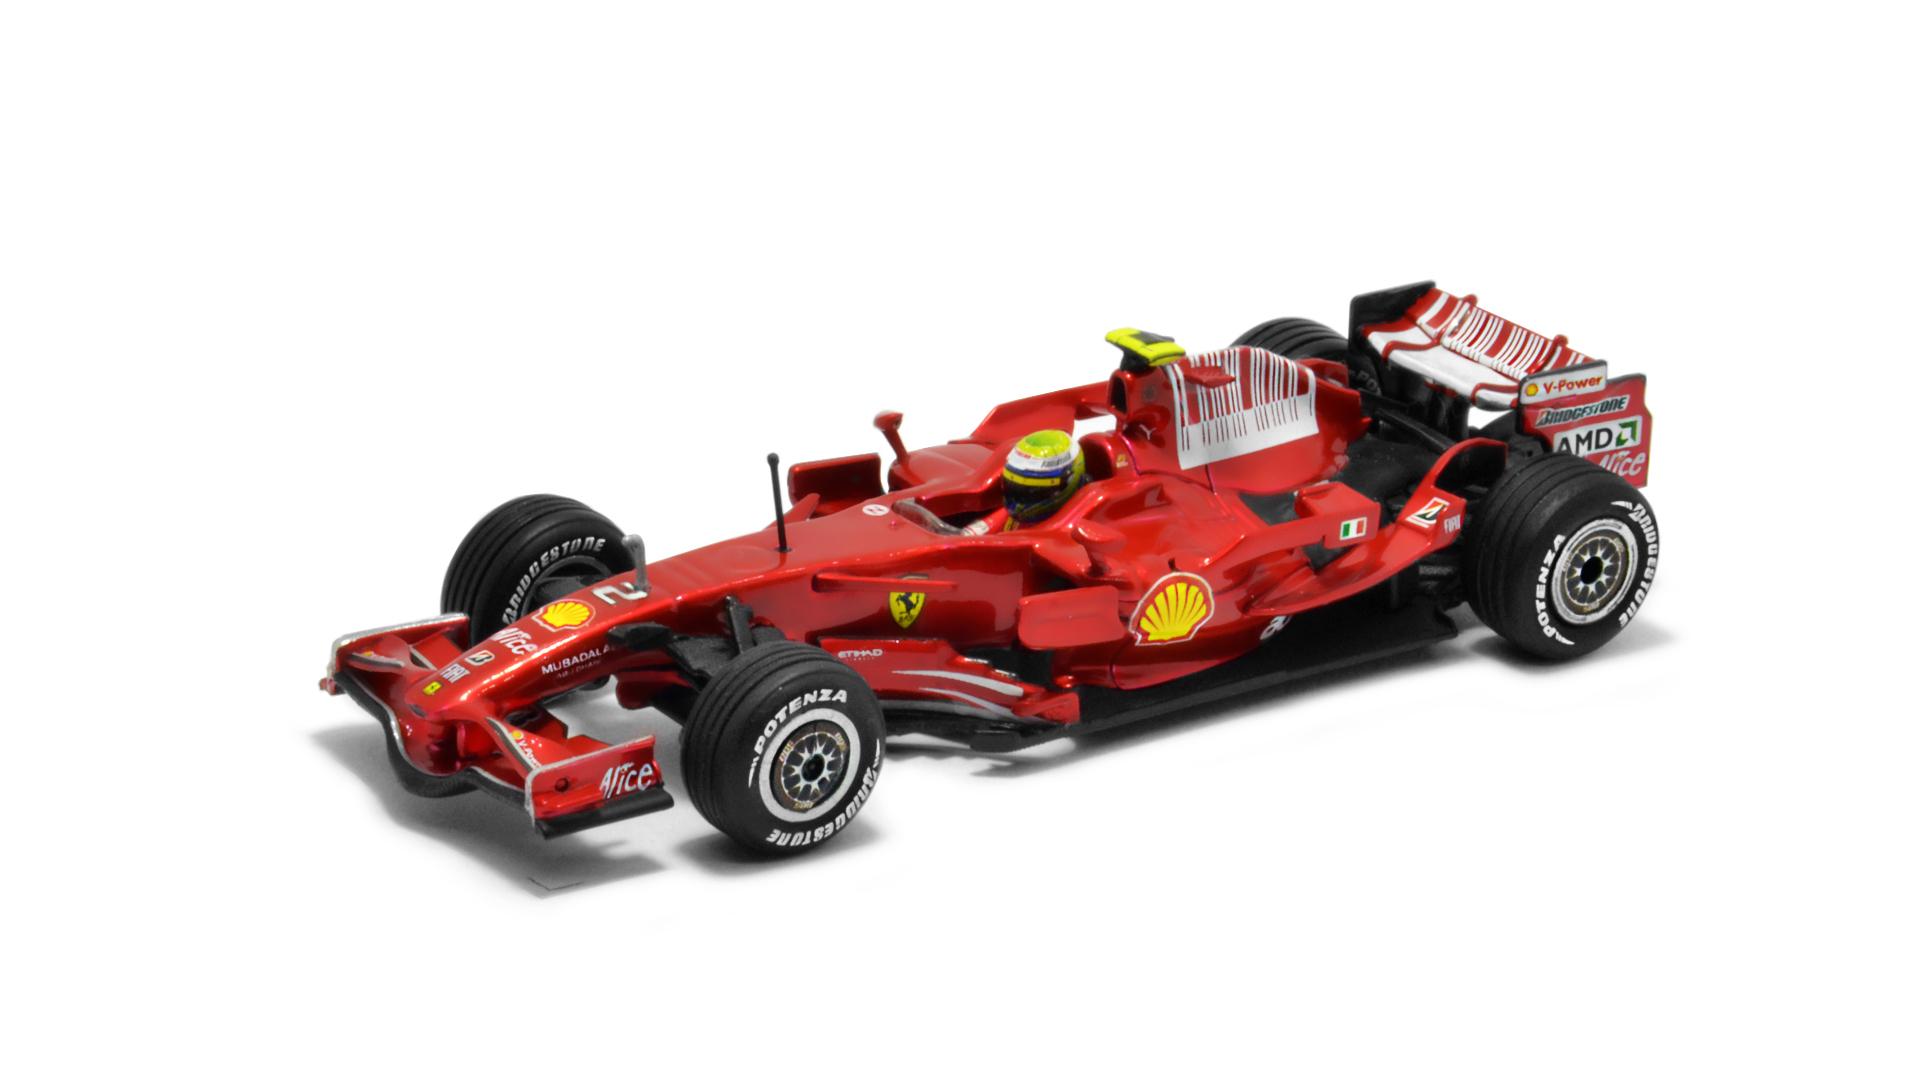 Év: 2008<br />Modell: F2008<br />Gyártó: Hot Wheels<br />Pilóta: Felipe Massa